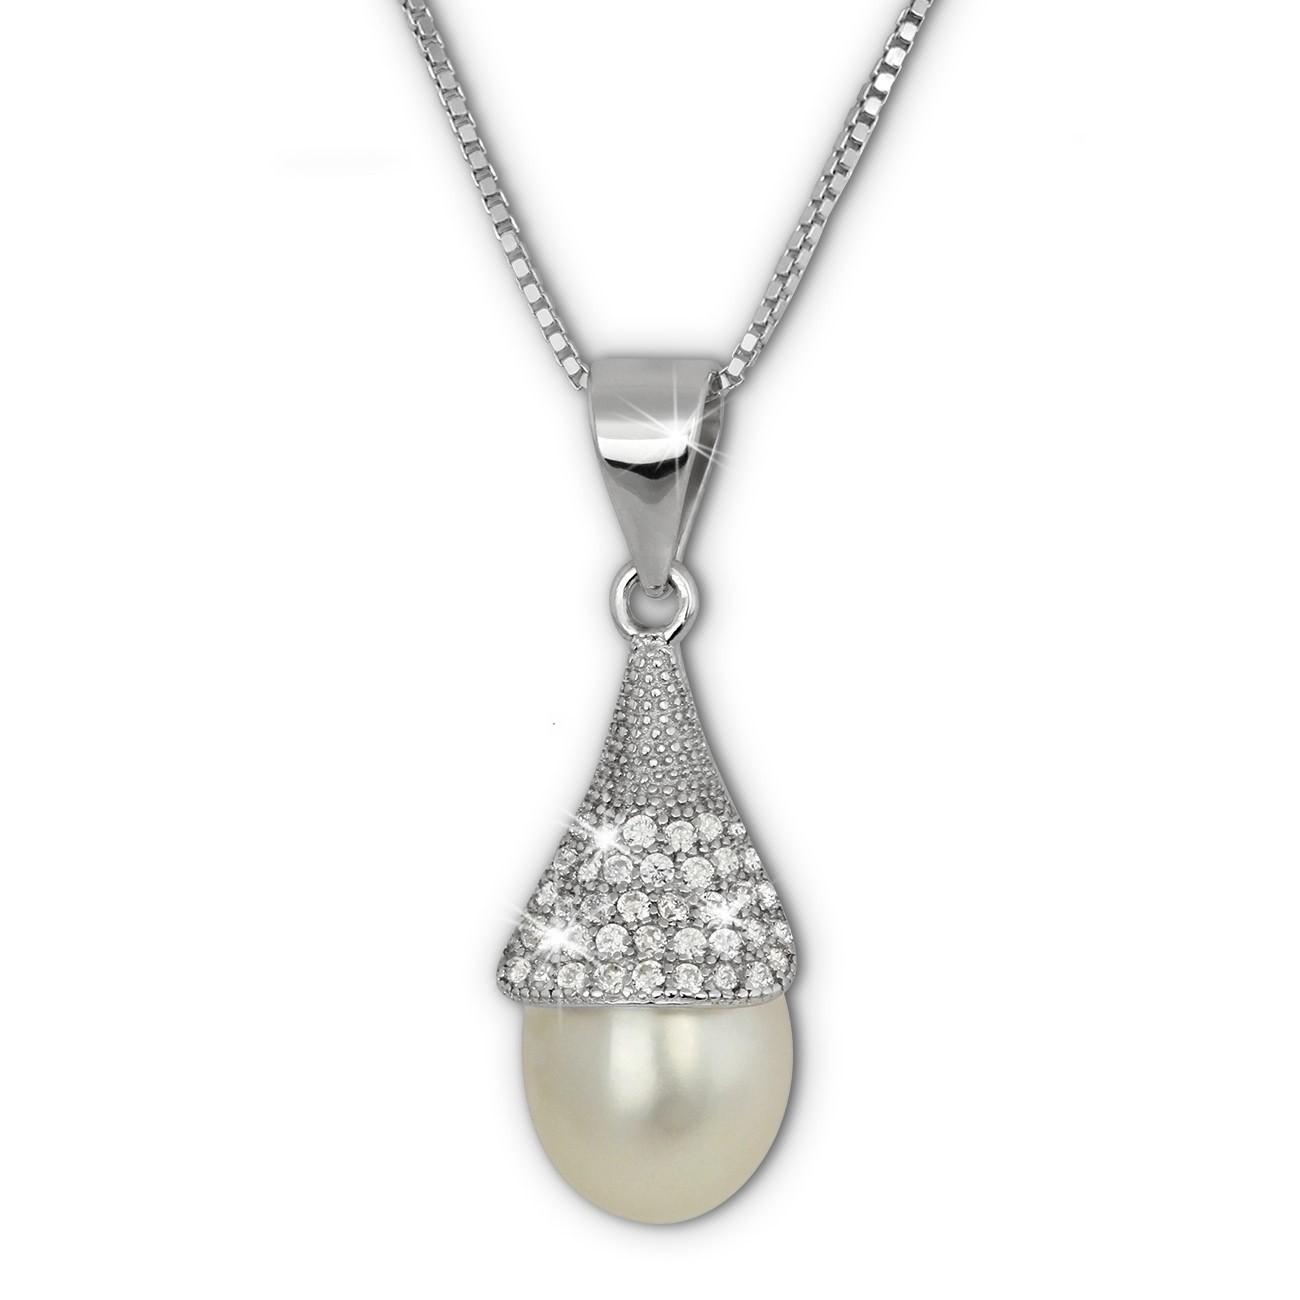 SilberDream Halskette Süßwasser Perle weiß Zirkonias 925 Silber Damen SDK1528W